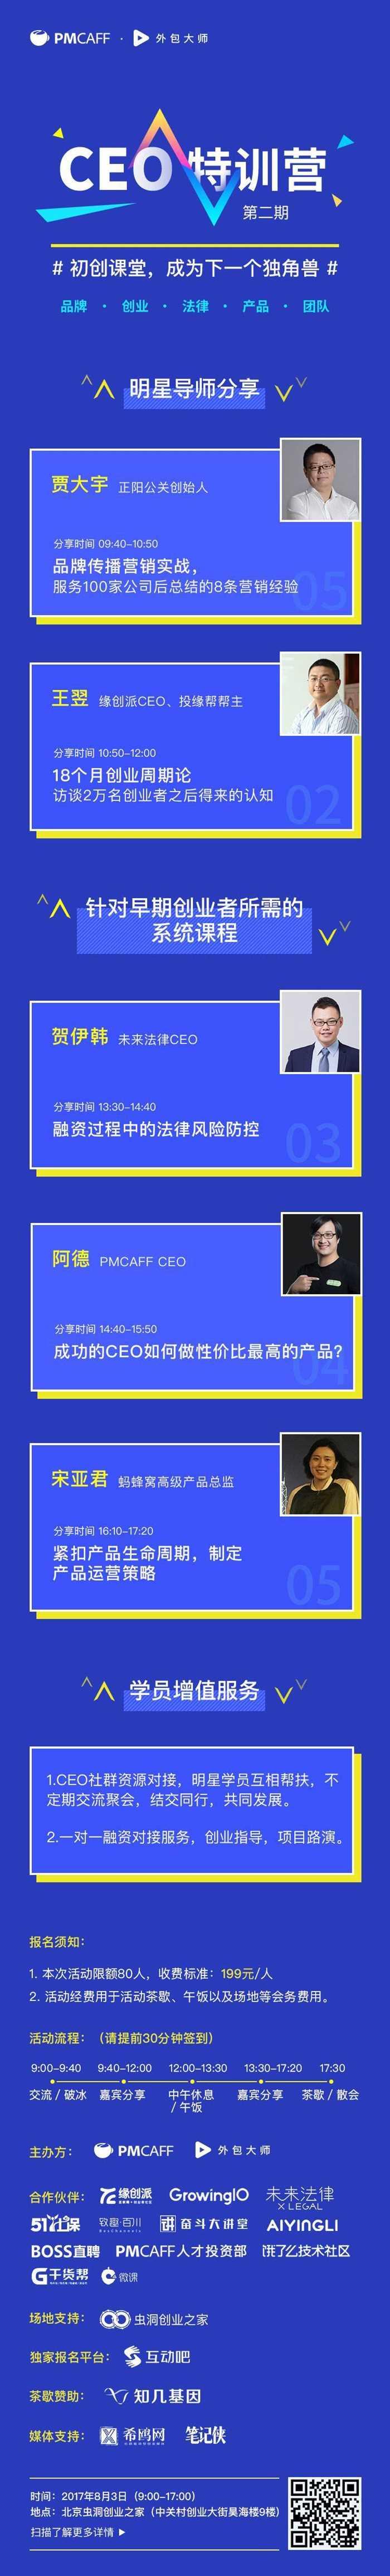 CEO活动详情b0718-拷贝.jpg